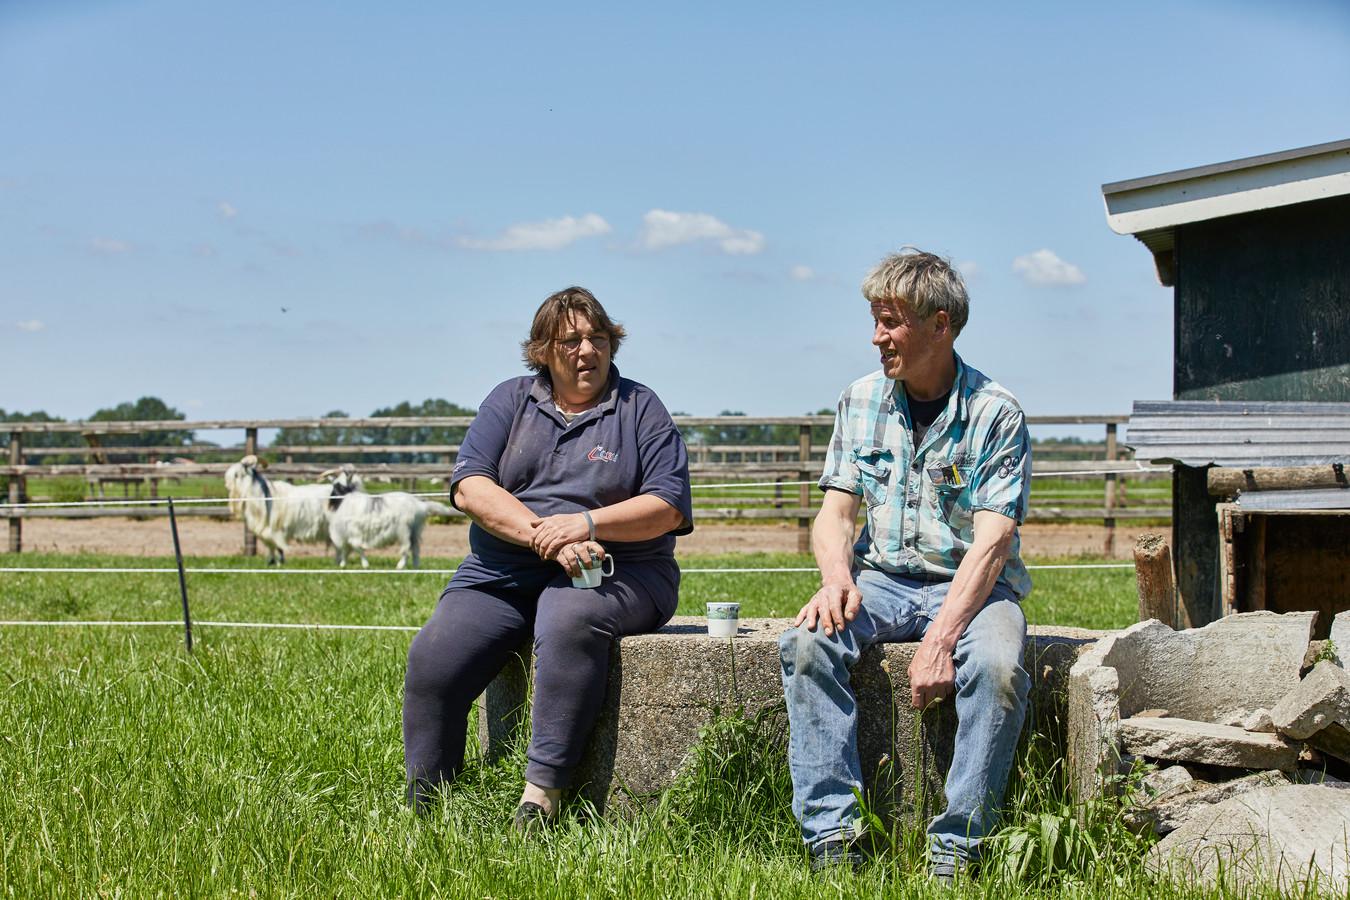 Op boerderij van Monique en Bennie Weiden, kunnen gasten onder het genot van eigen meegebrachte voedsel lunchen op elke willekeurige plek.